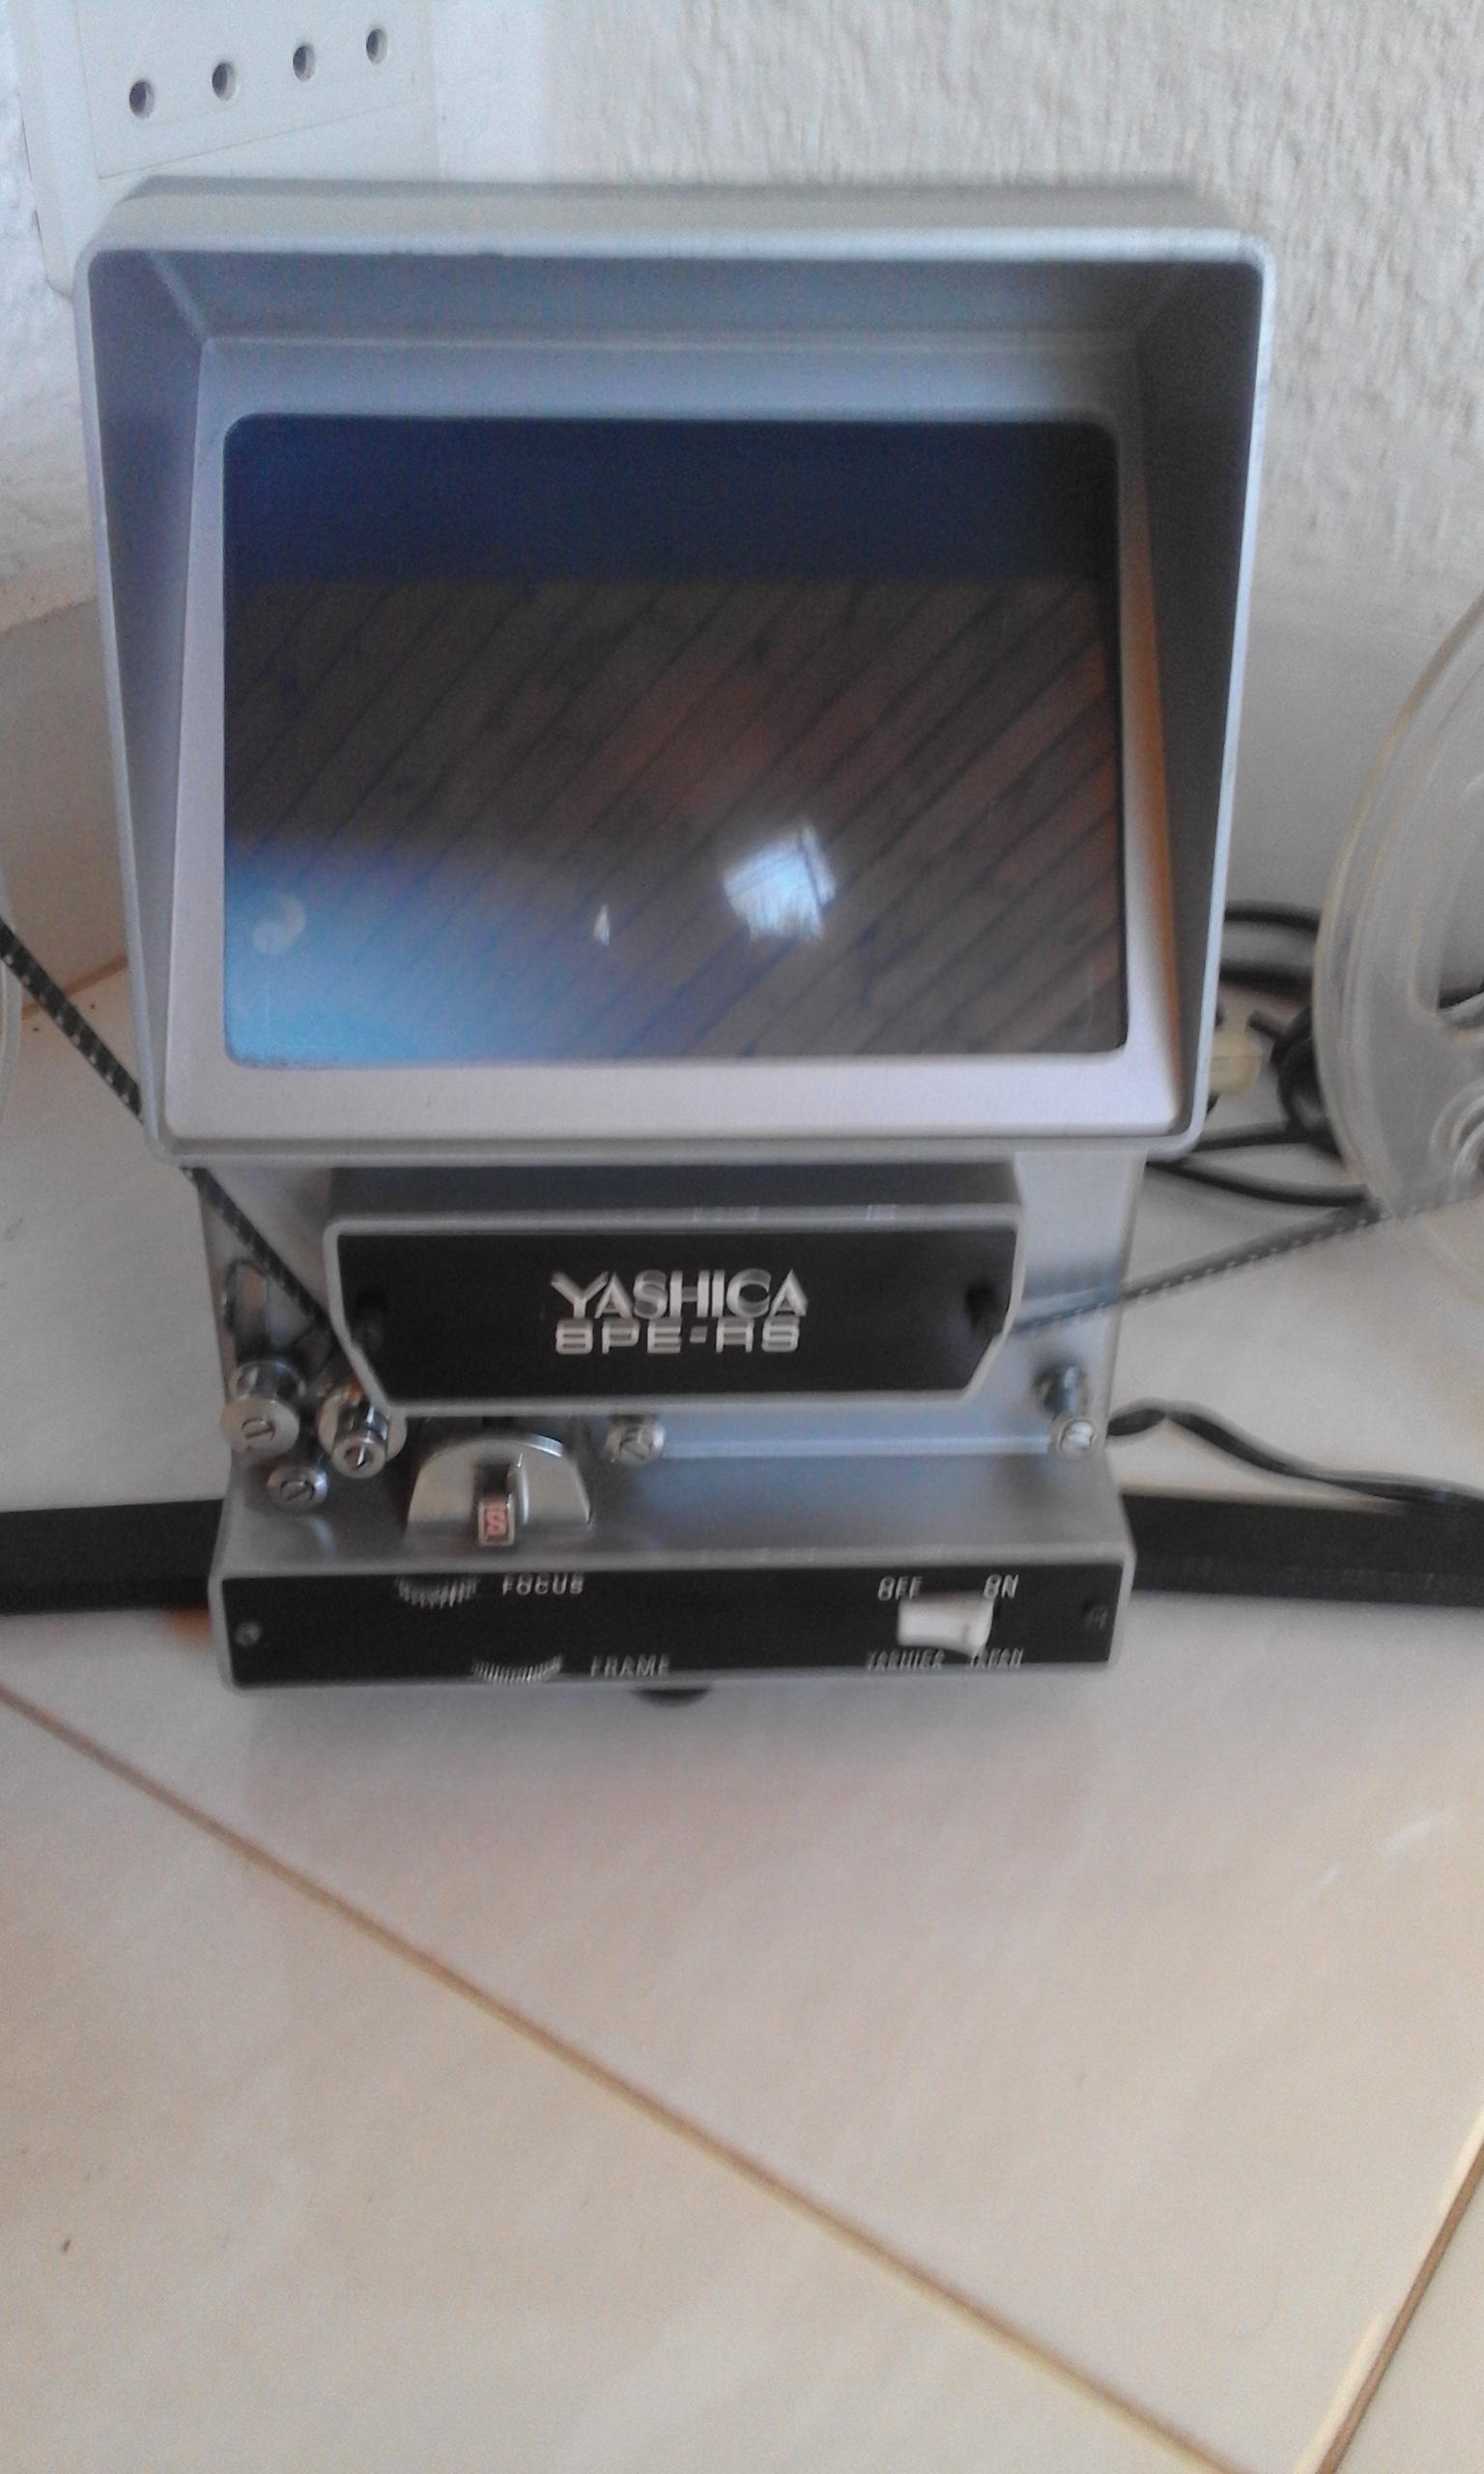 8mm Movie Viewer